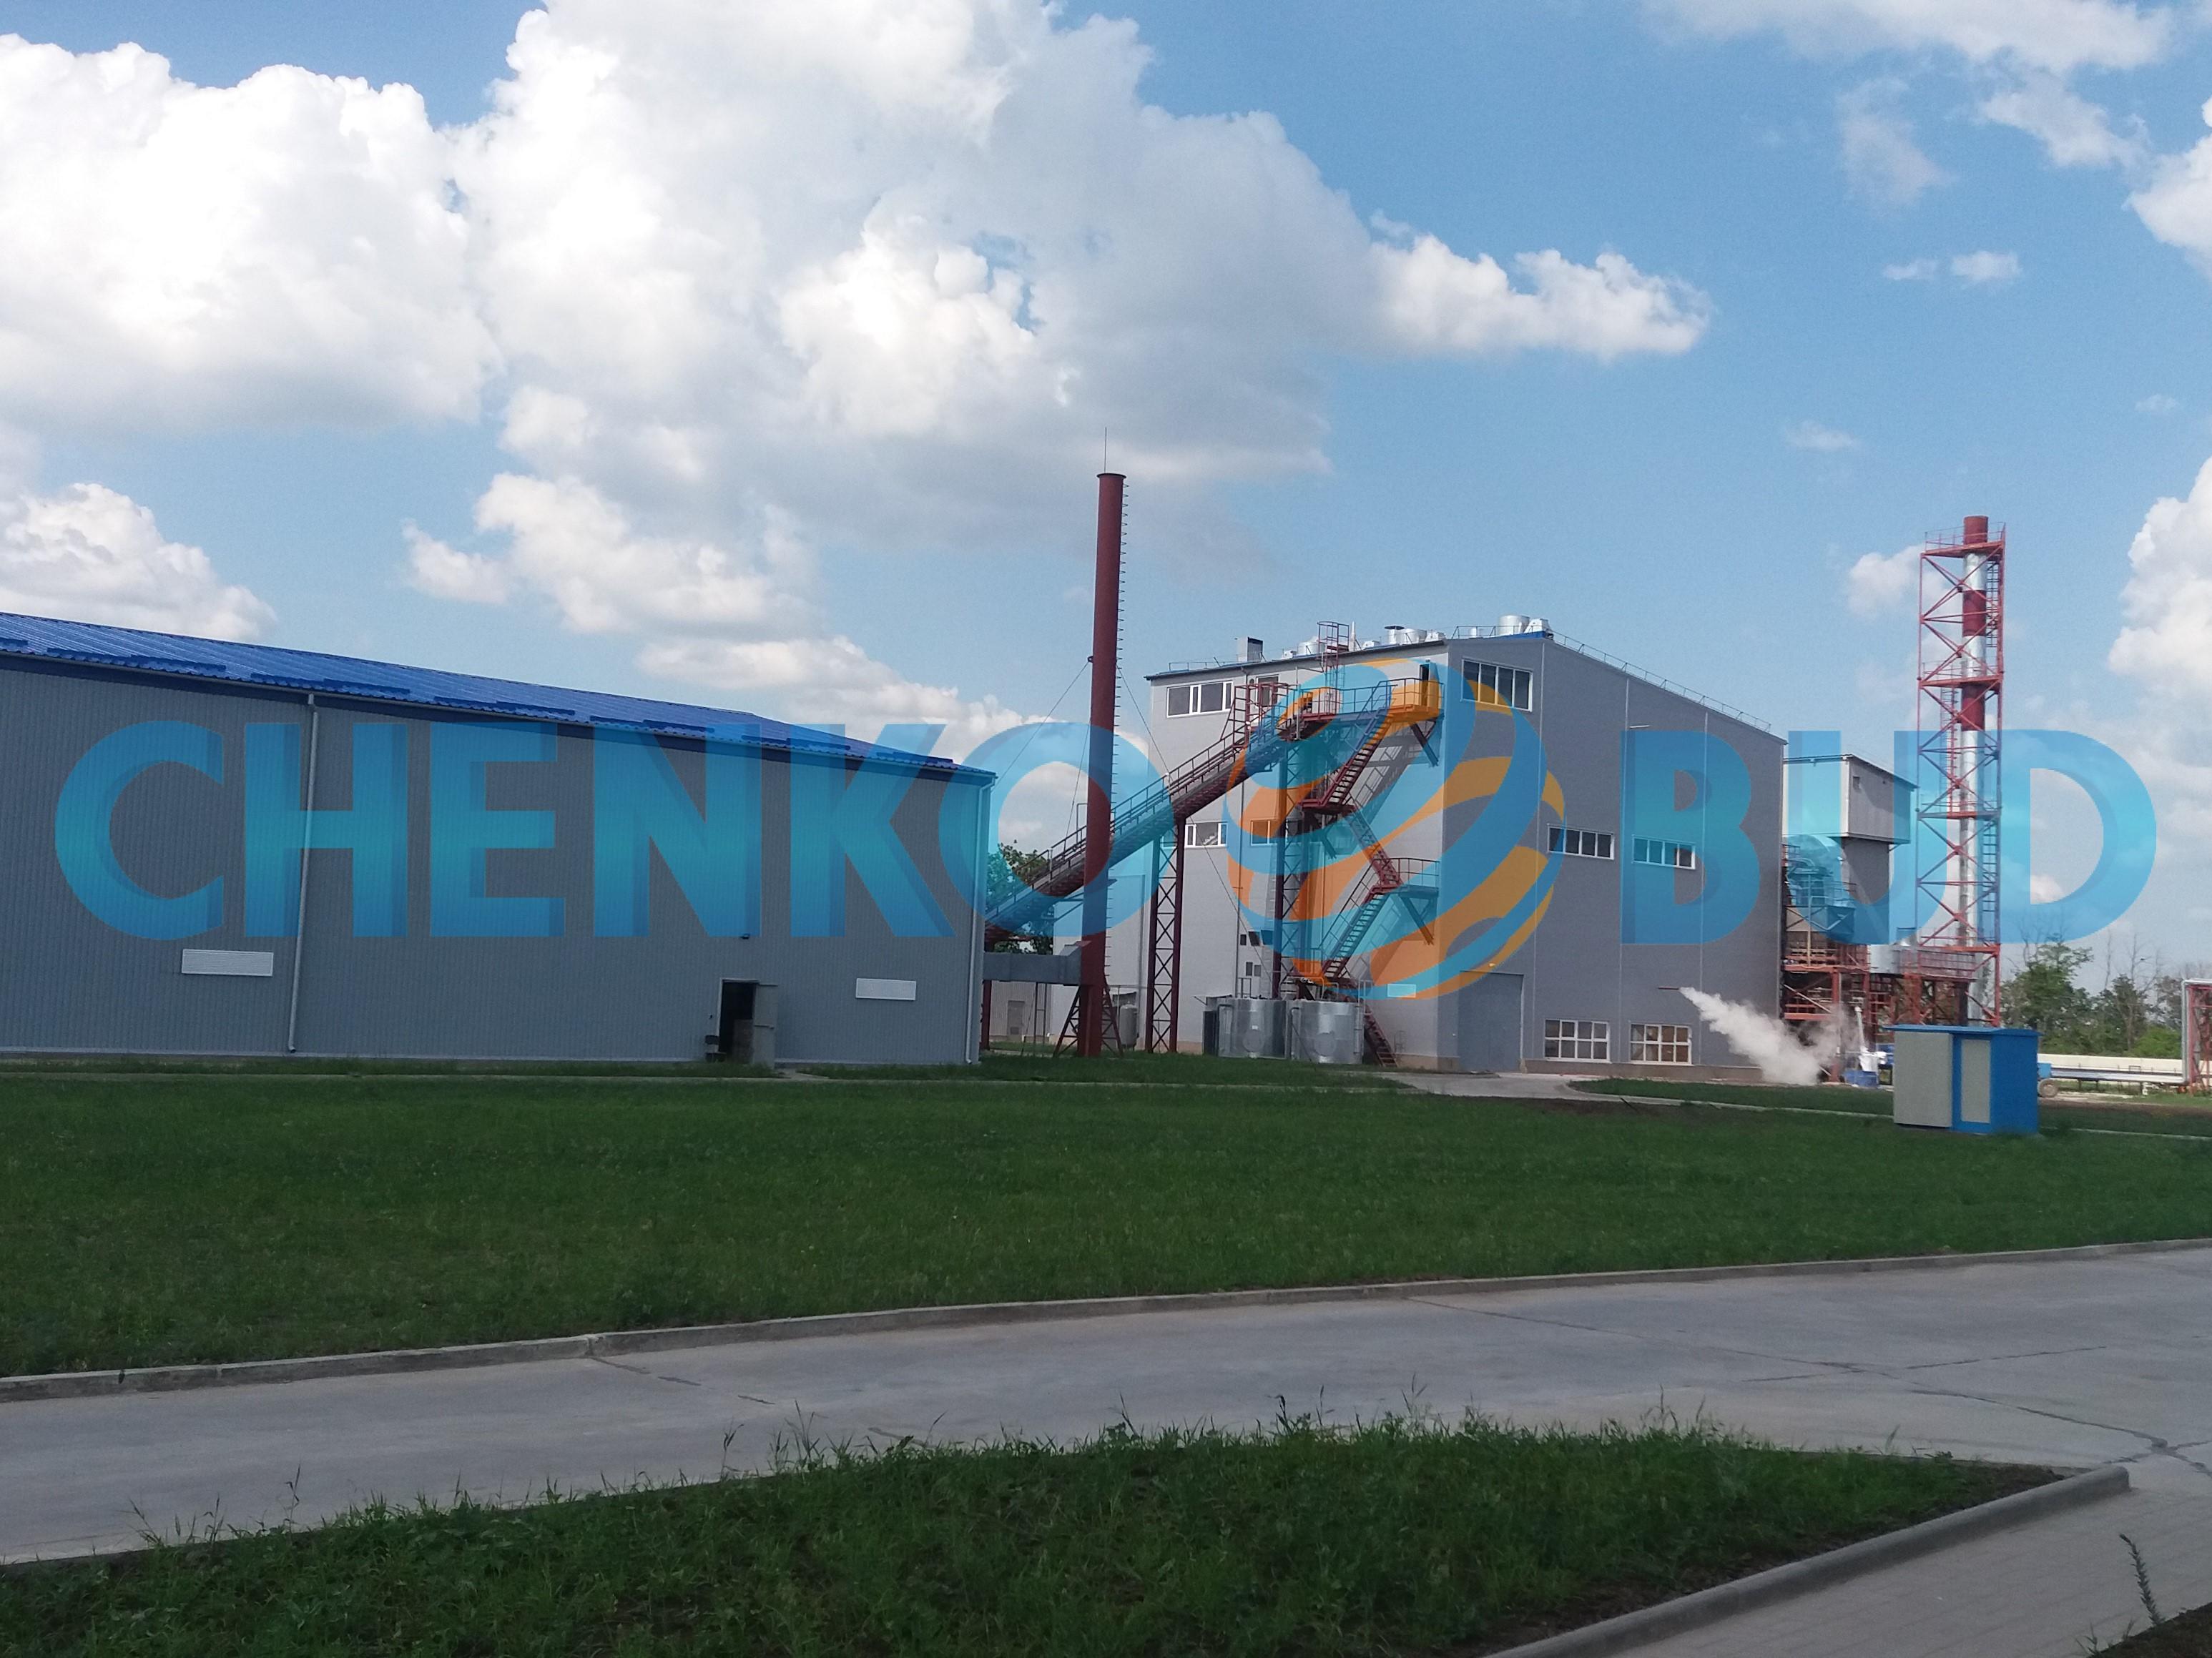 Испытания парового котла на Энергокомплексе в г. Никополь